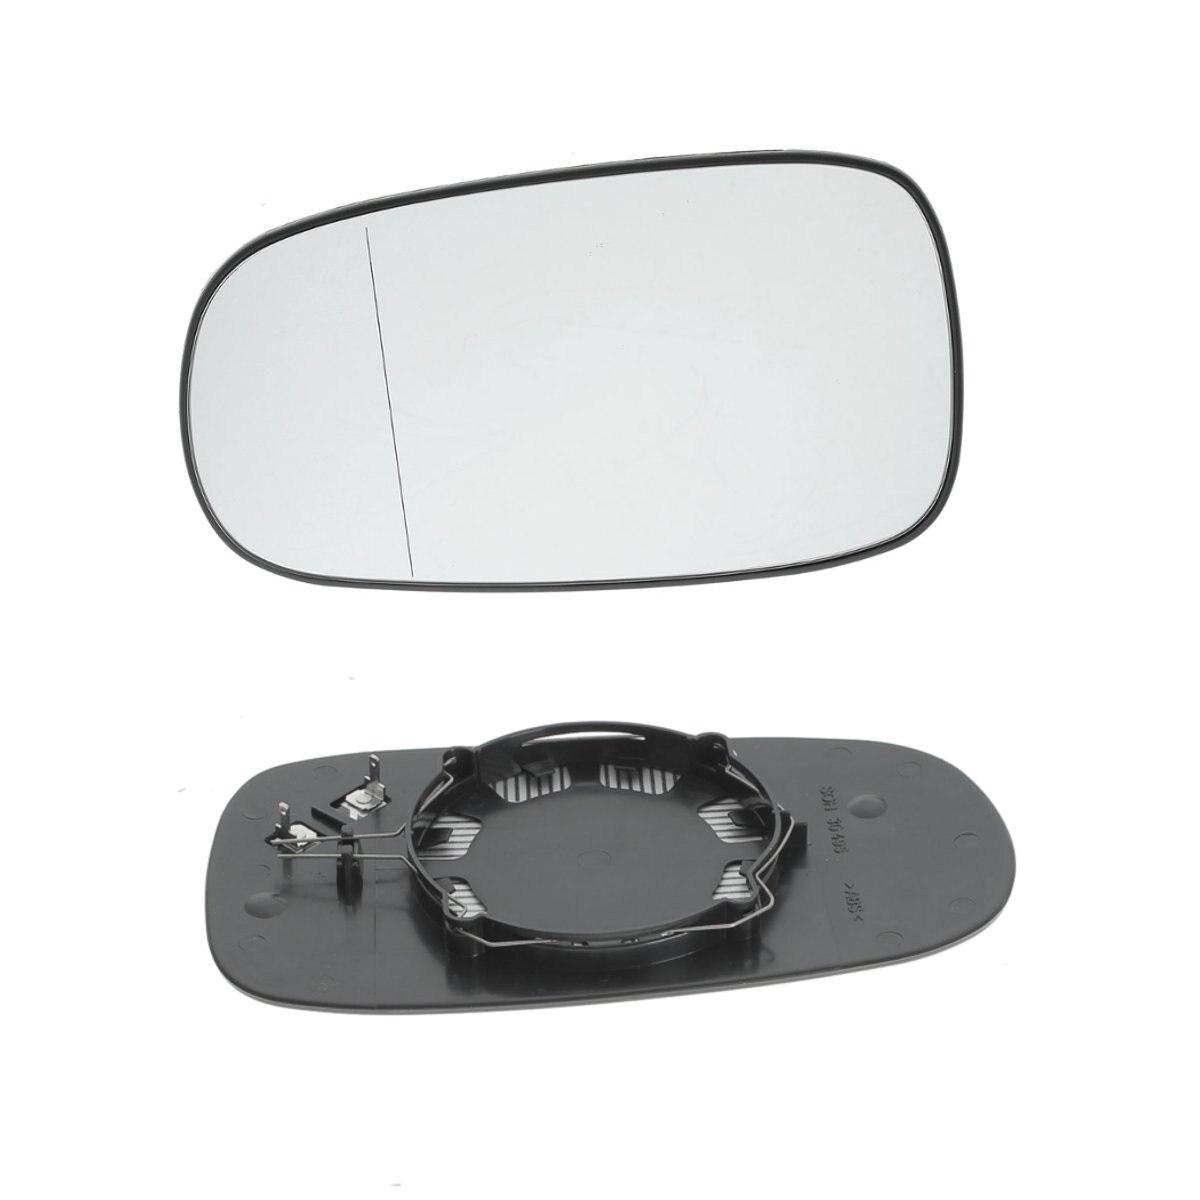 اليمين اليسار الركاب الجانب الجناح مرآة الزجاج ساخنة الكهربائية ل ساب 9-3 93 2003-2010 9-5 2003-2008 استبدال أجزاء اكسسوارات